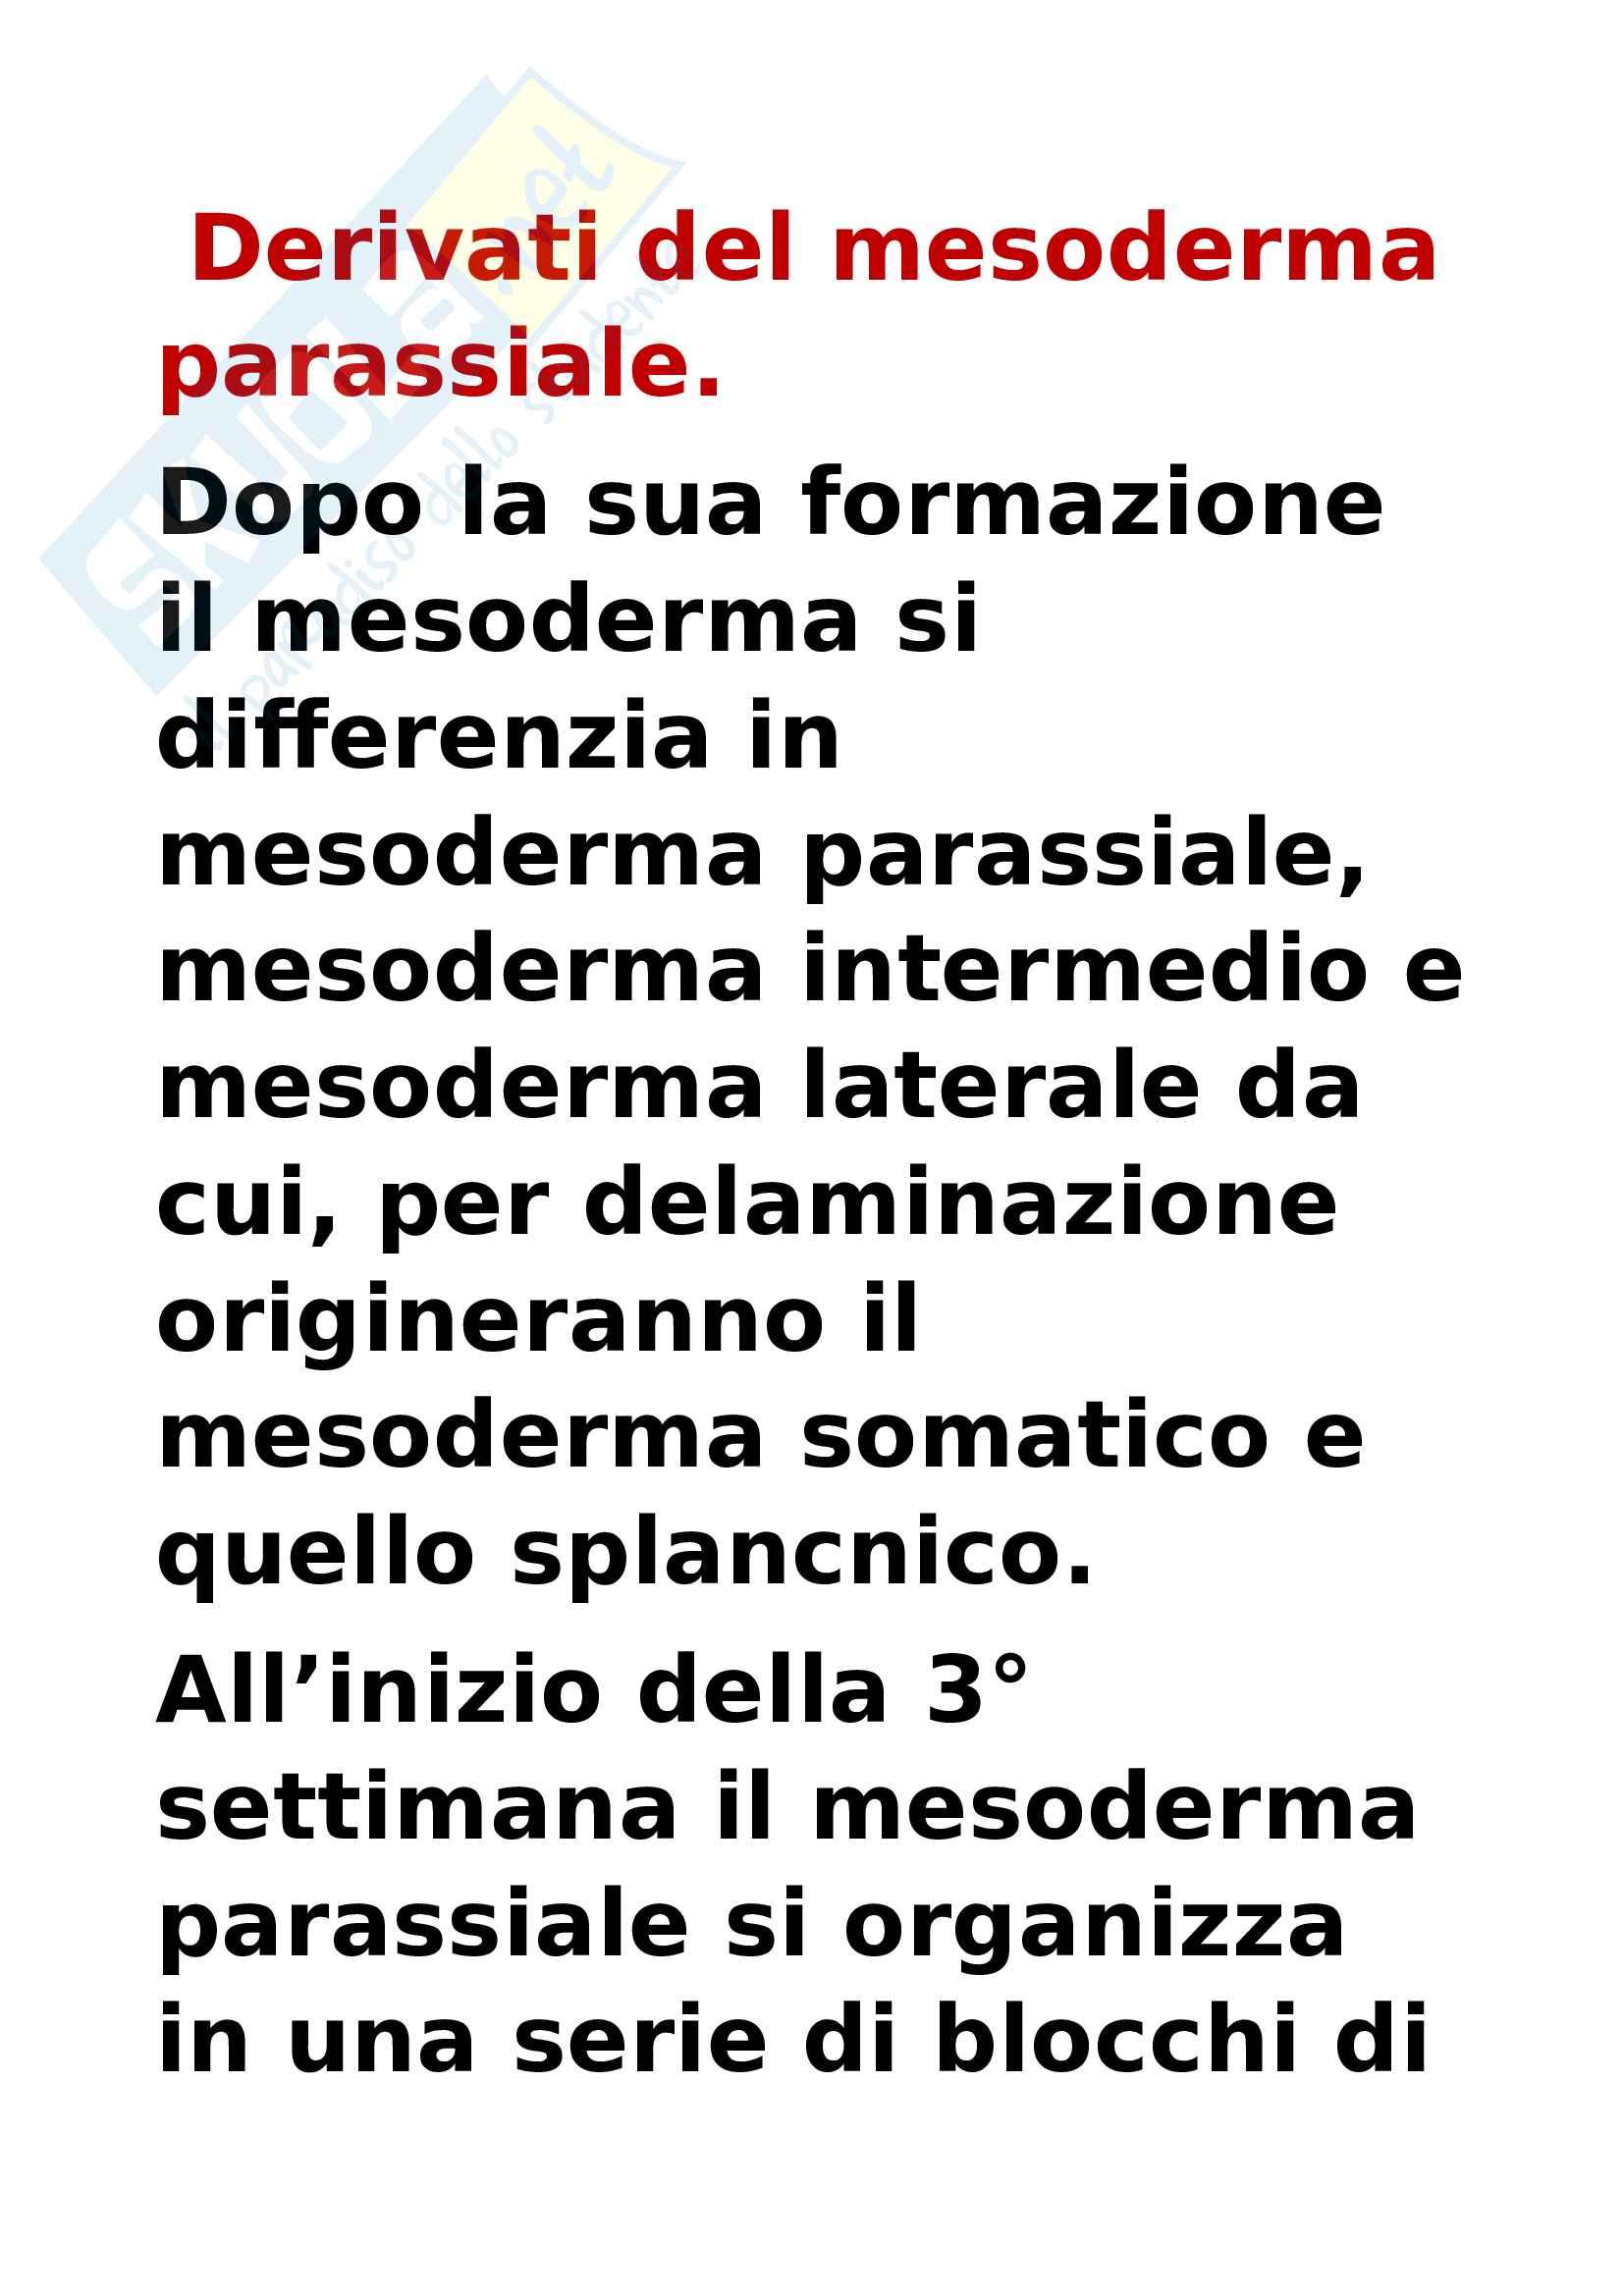 Derivati del mesoderma parassiale